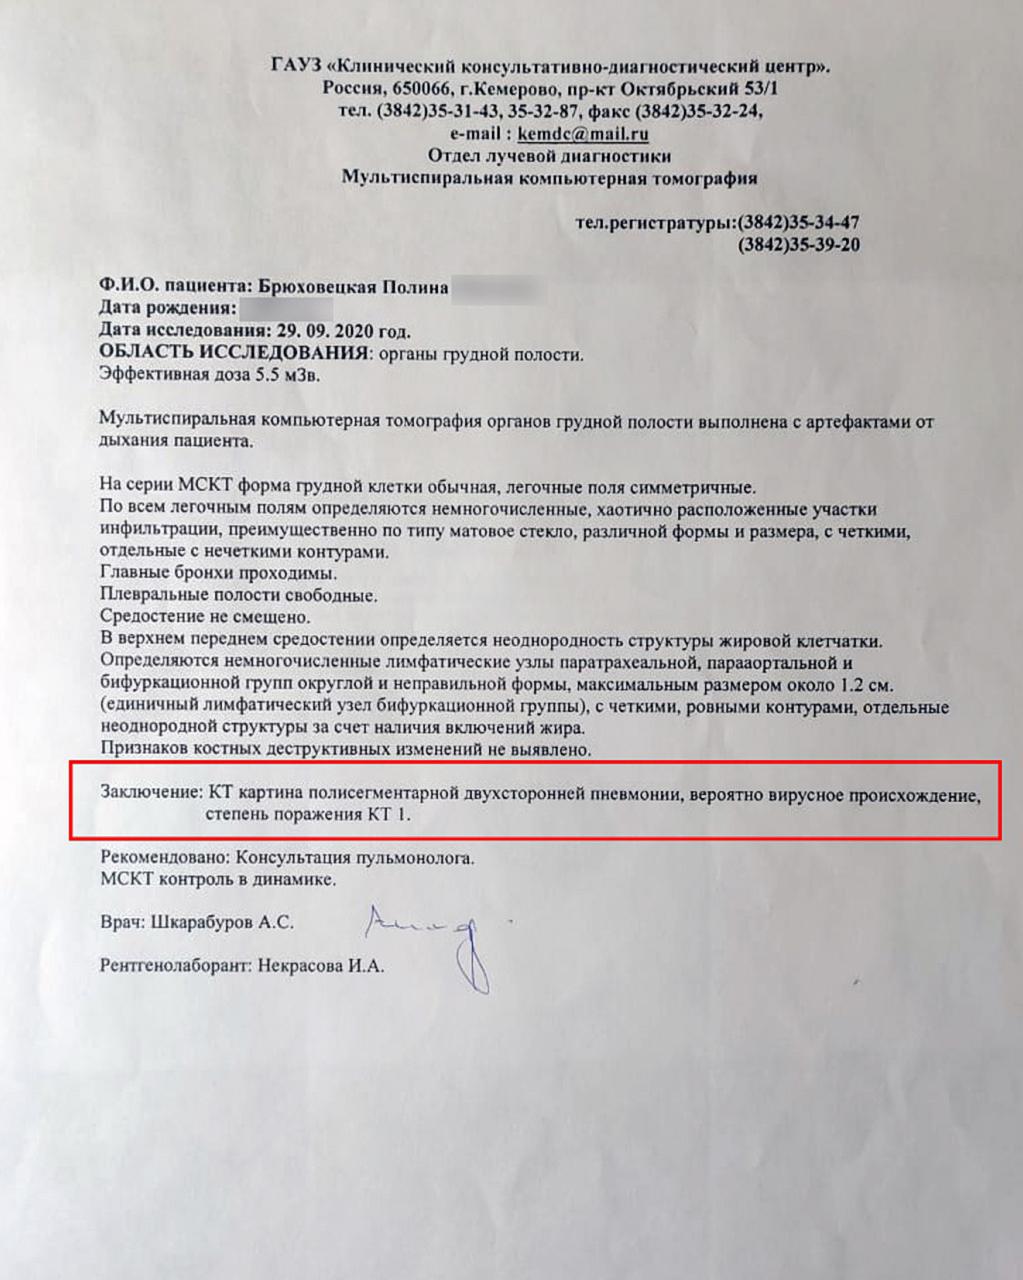 Заключение помультиспиральной компьютерной томографии. Диагноз—полисегментарнаядвусторонняя пневмония